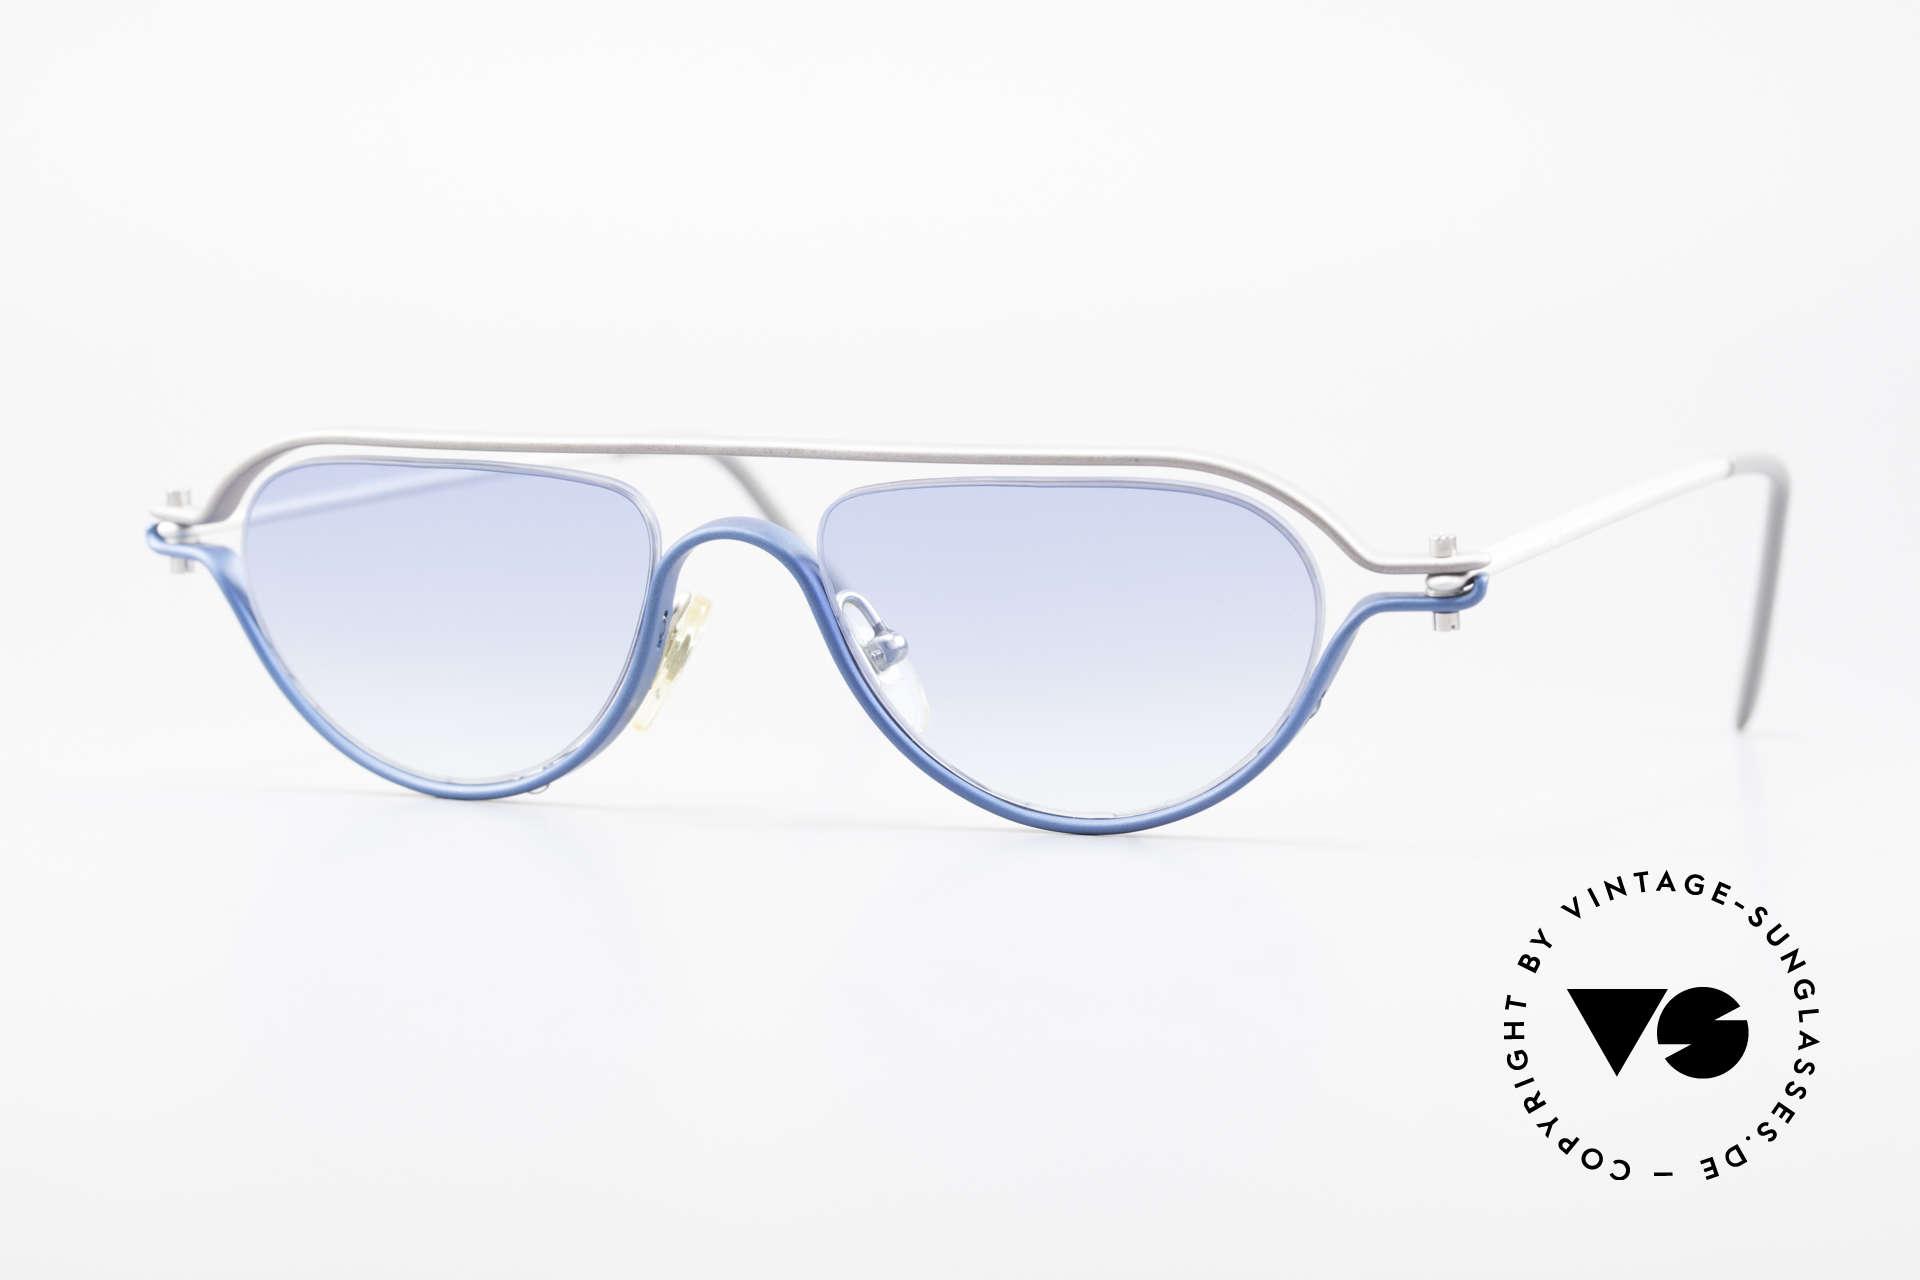 ProDesign No9 The Hunt For Red October, Pro Design N° NINE - Optic Studio Denmark Glasses, Made for Men and Women